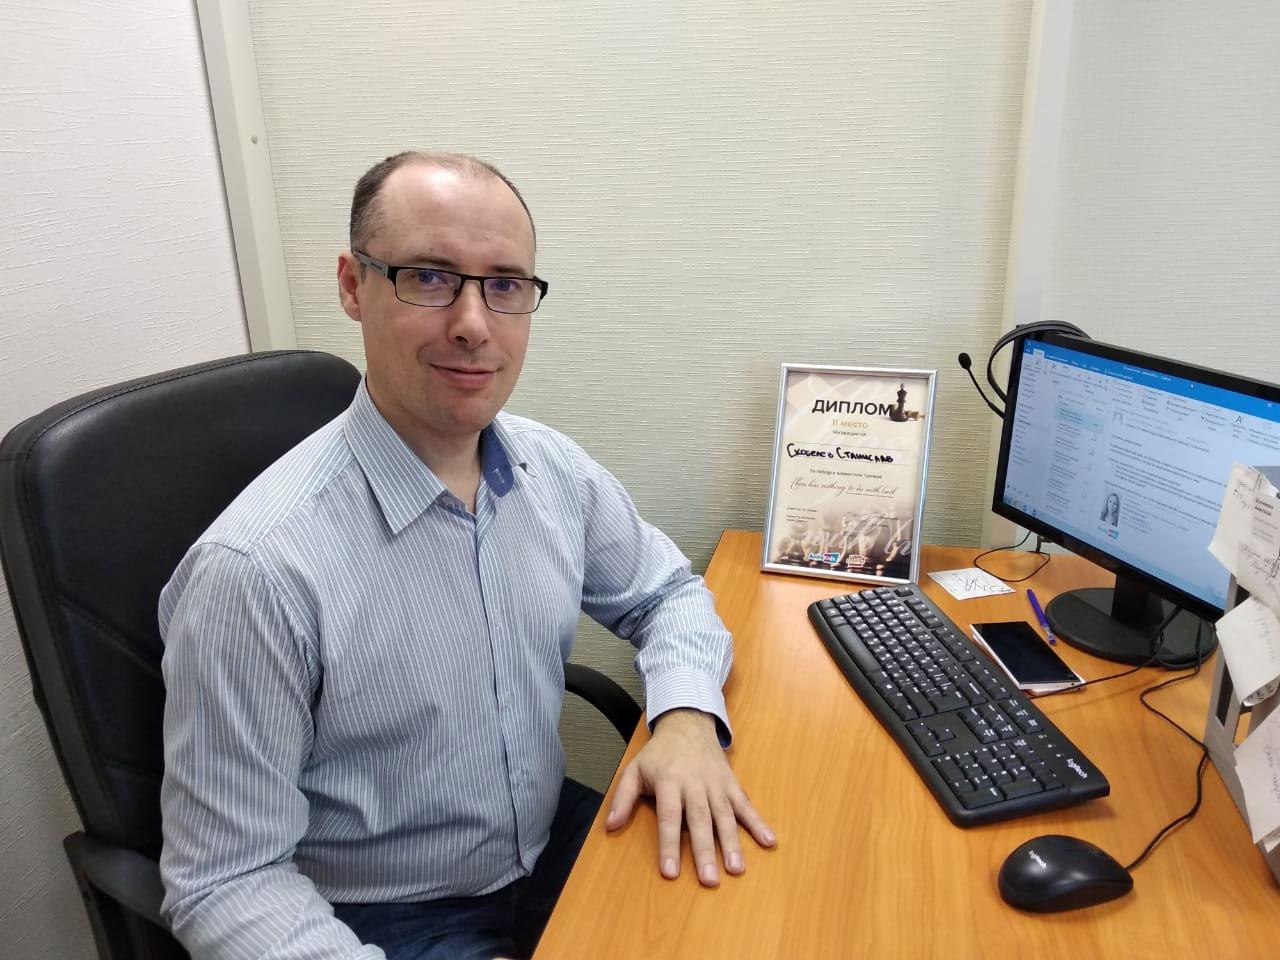 Станислав Скобелев, руководитель отдела персонала группы компаний «Авира»